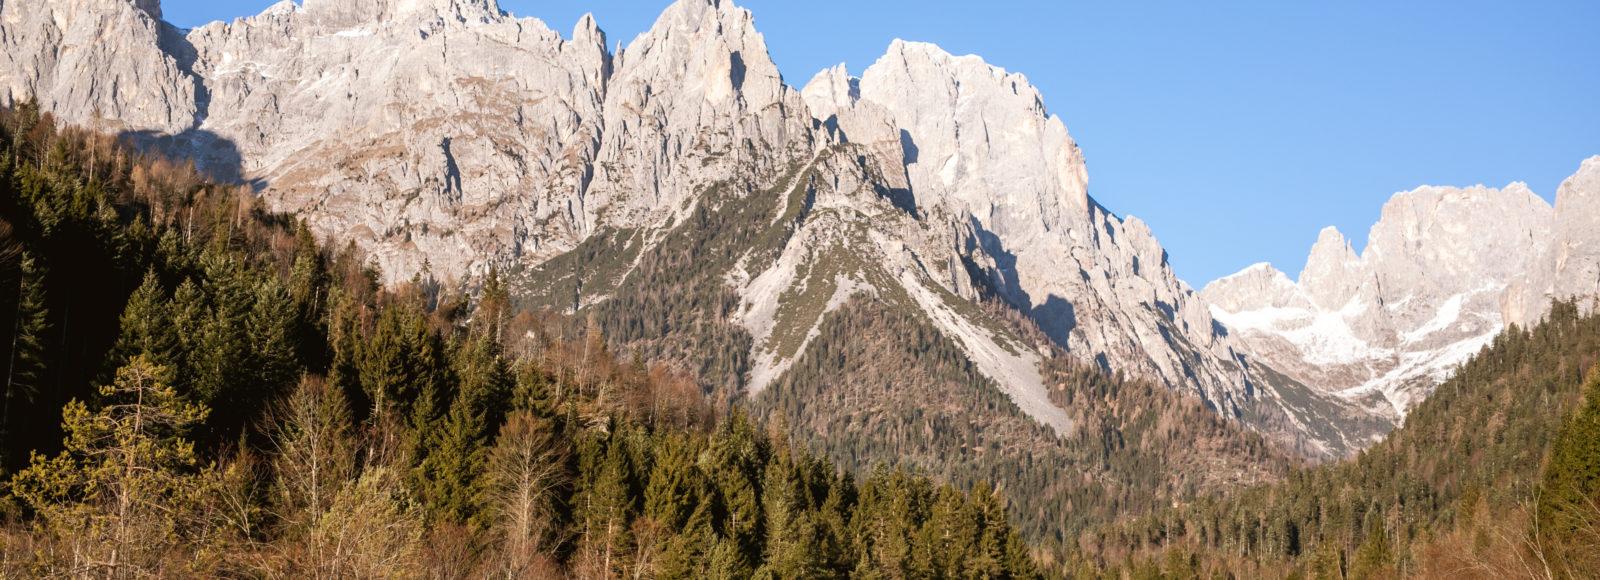 Attività outdoor - Hotel Isolabella Primiero - Dolomiti - Trentino